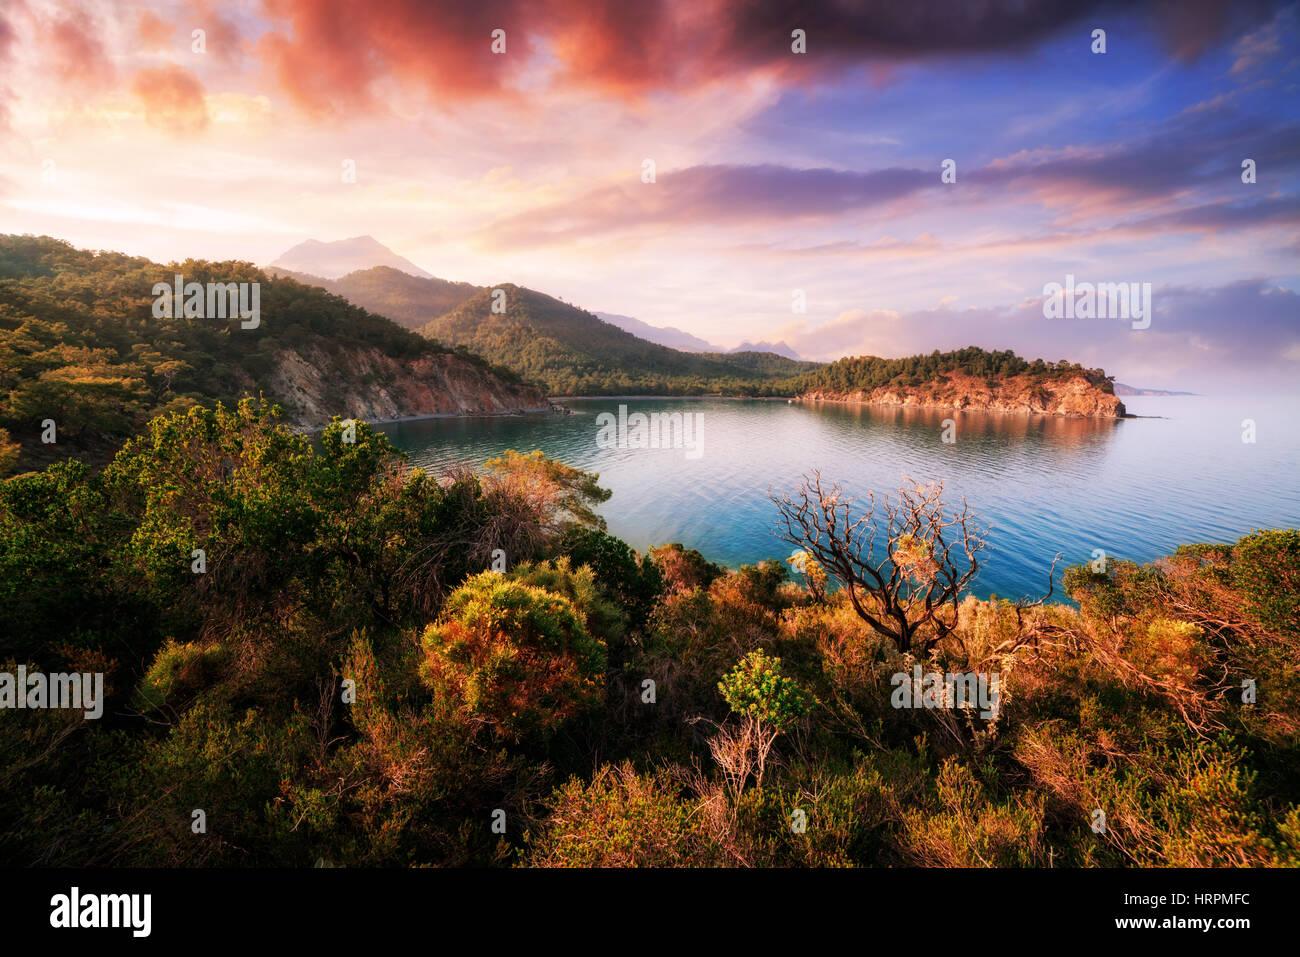 Increíble paisaje mediterráneo en Turquía Imagen De Stock